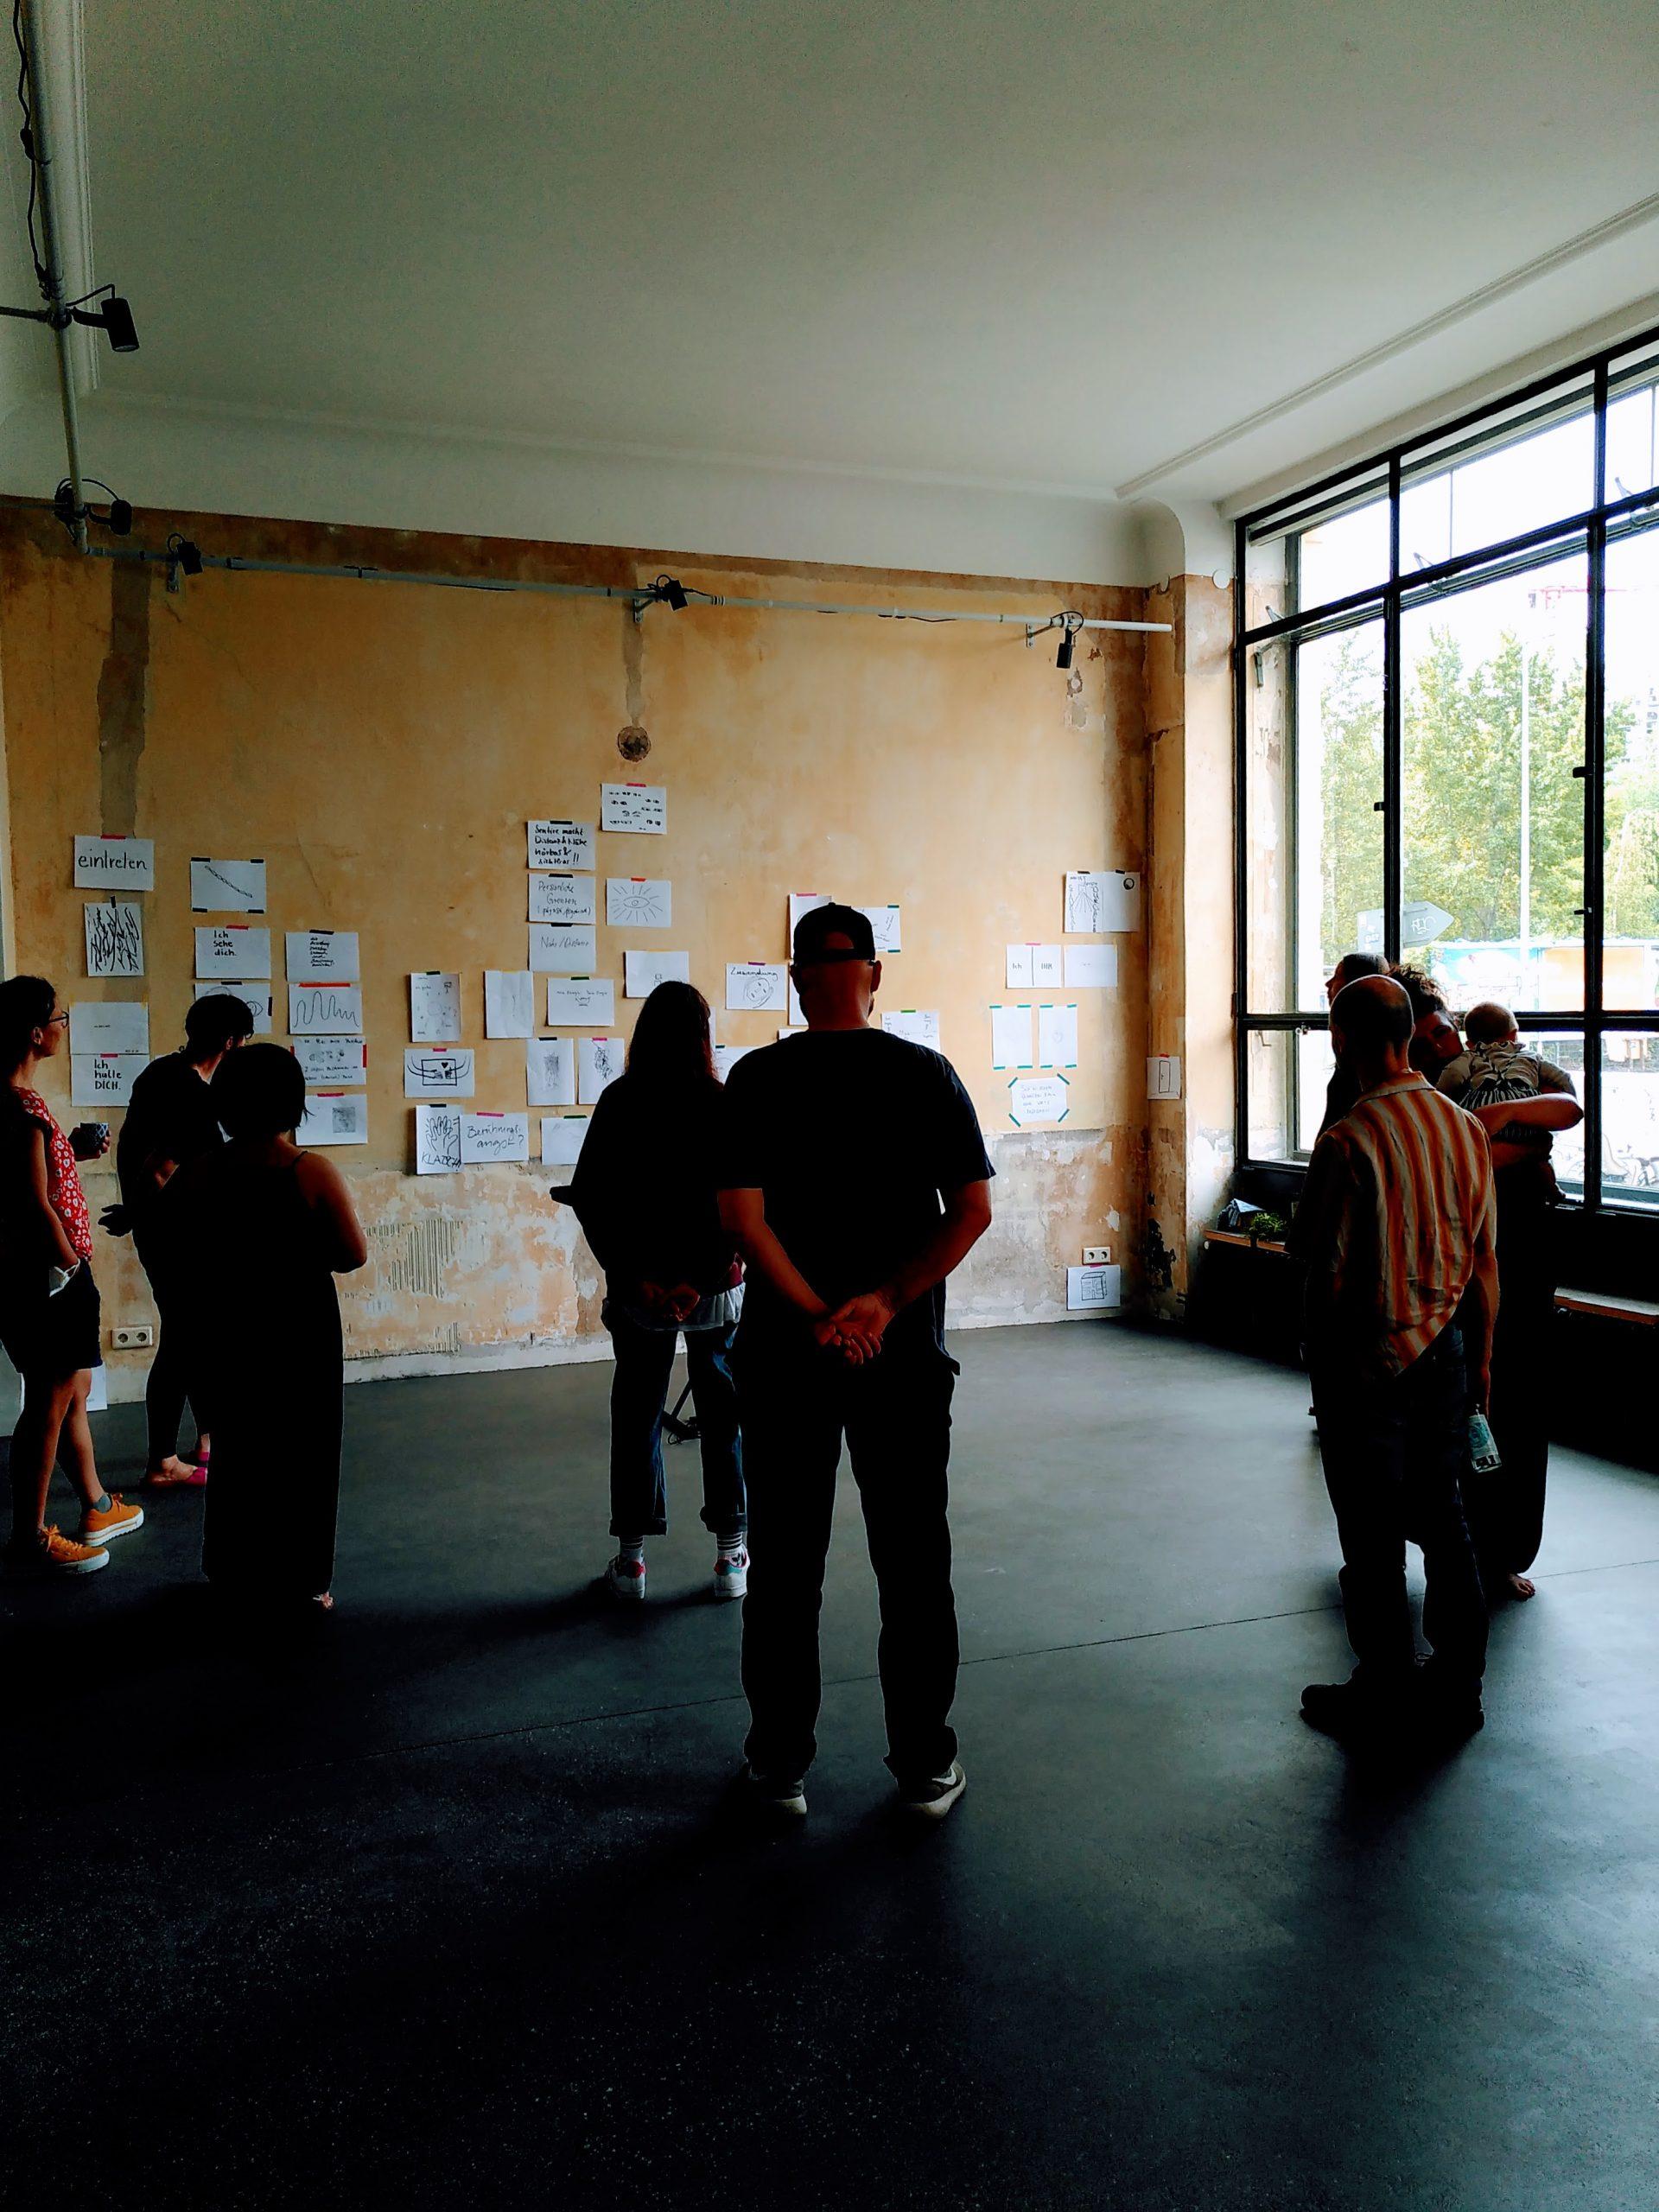 Mehrere Menschen betrachten eine Resonanzwand, an der Papierblätter mit Zeichnungen und Text hängen.